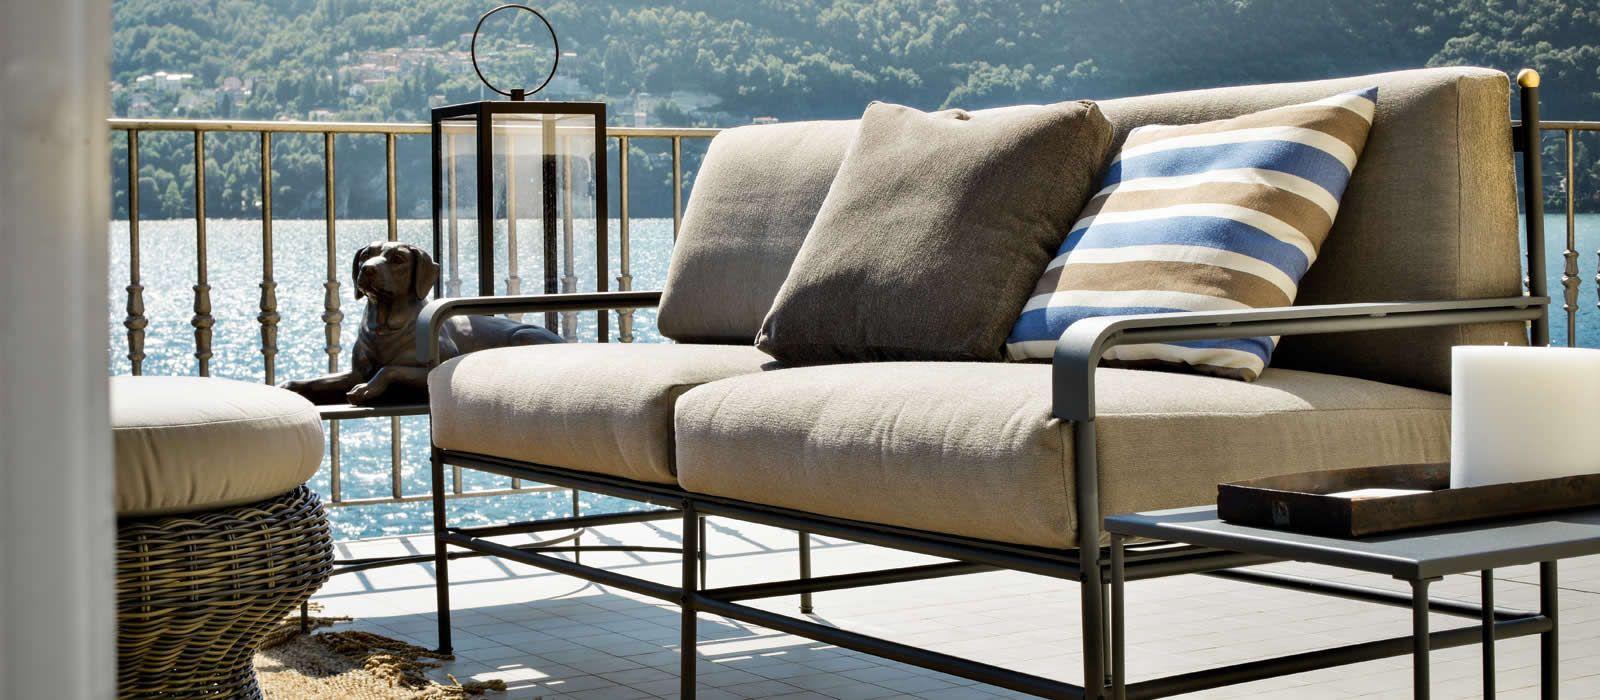 Toscana - Muebles jardin - Unopiu | DECORACION | Pinterest | Toscana ...